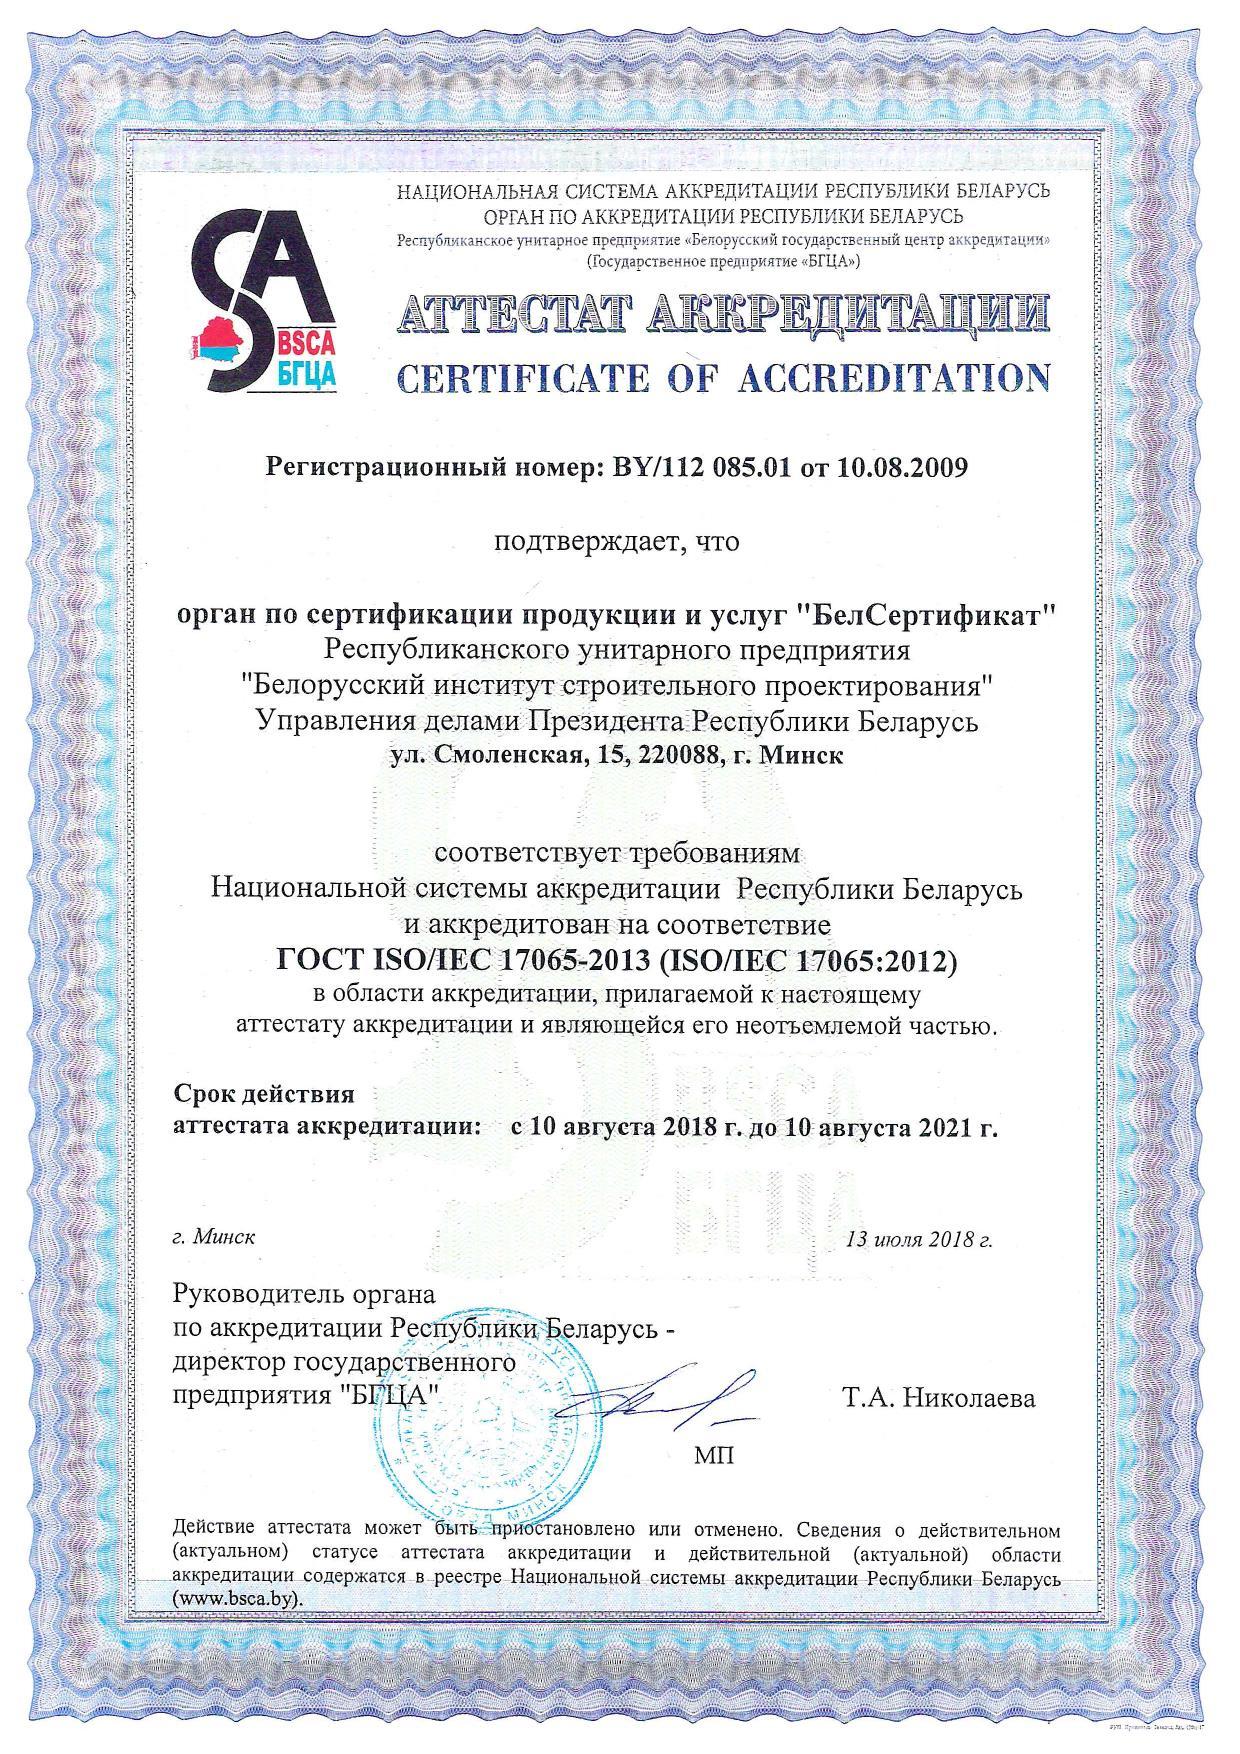 10 Аттестат аккредитации БГЦА по сертификации продукции и услуг